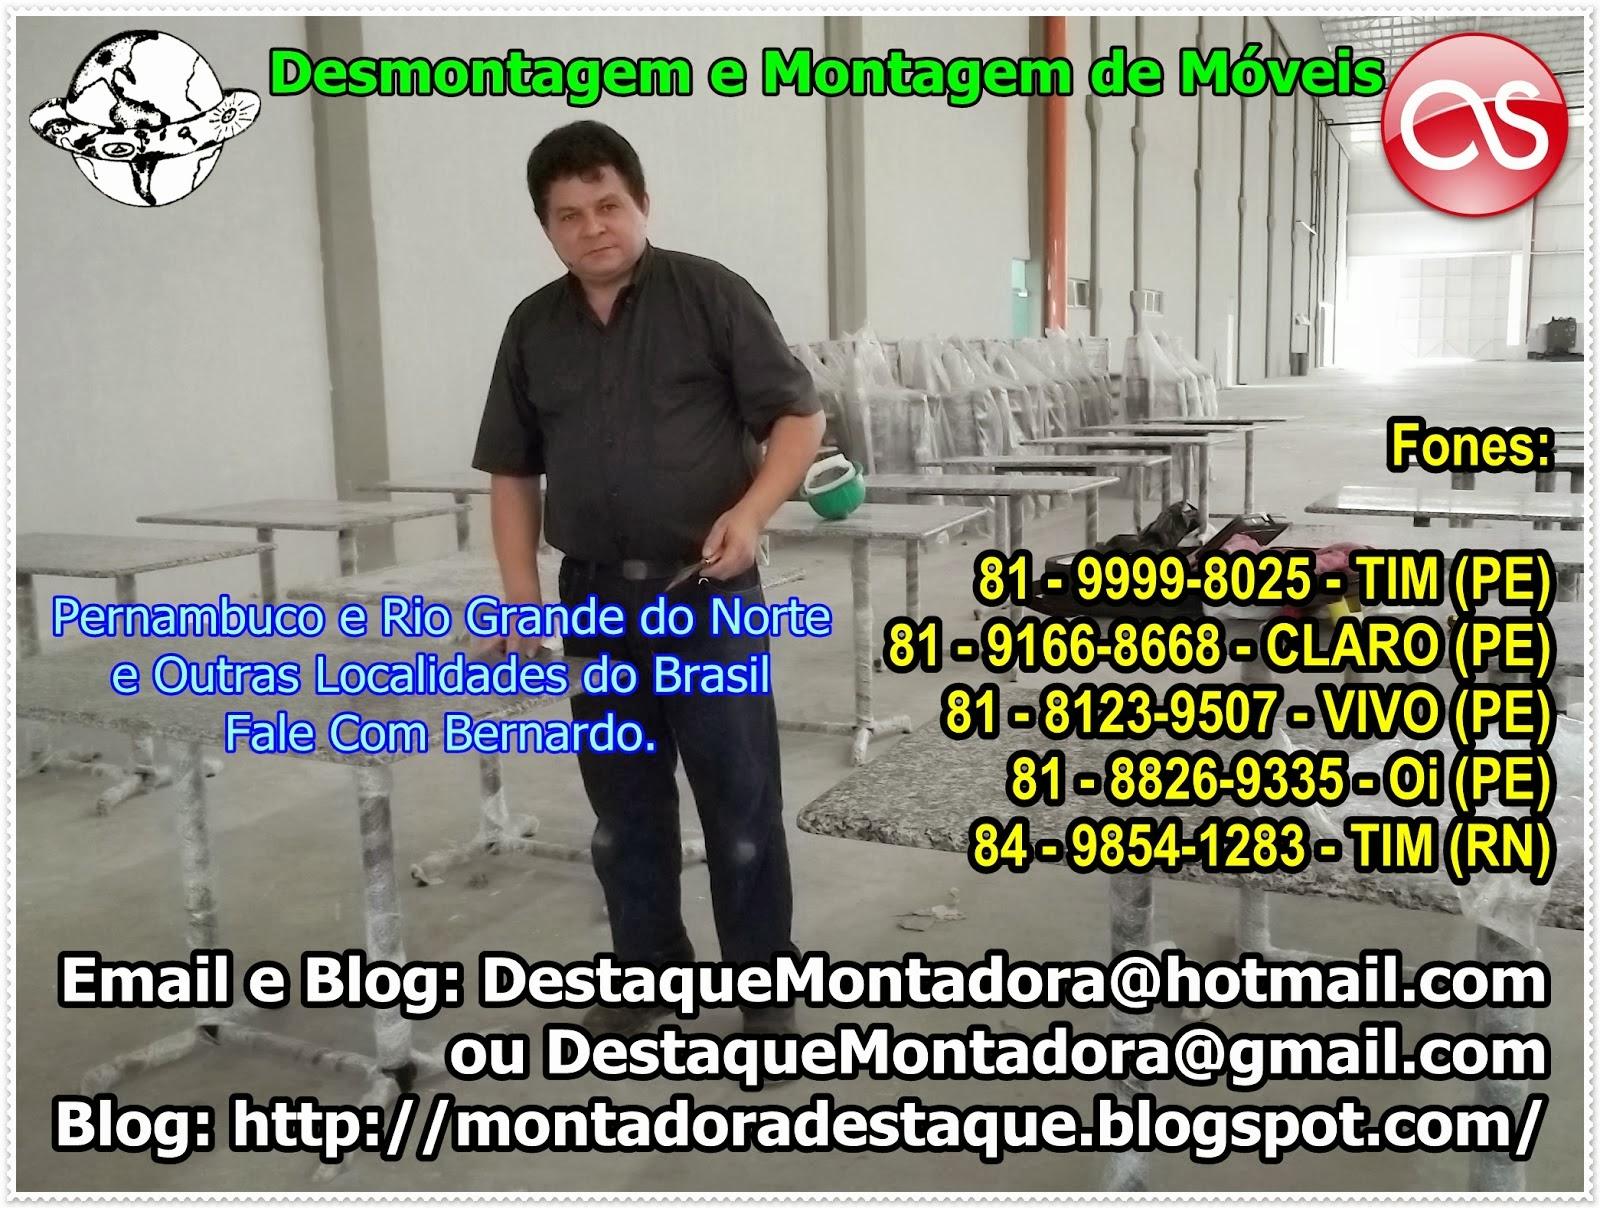 http://montadordemoveisgloriadogoita.blogspot.com.br/